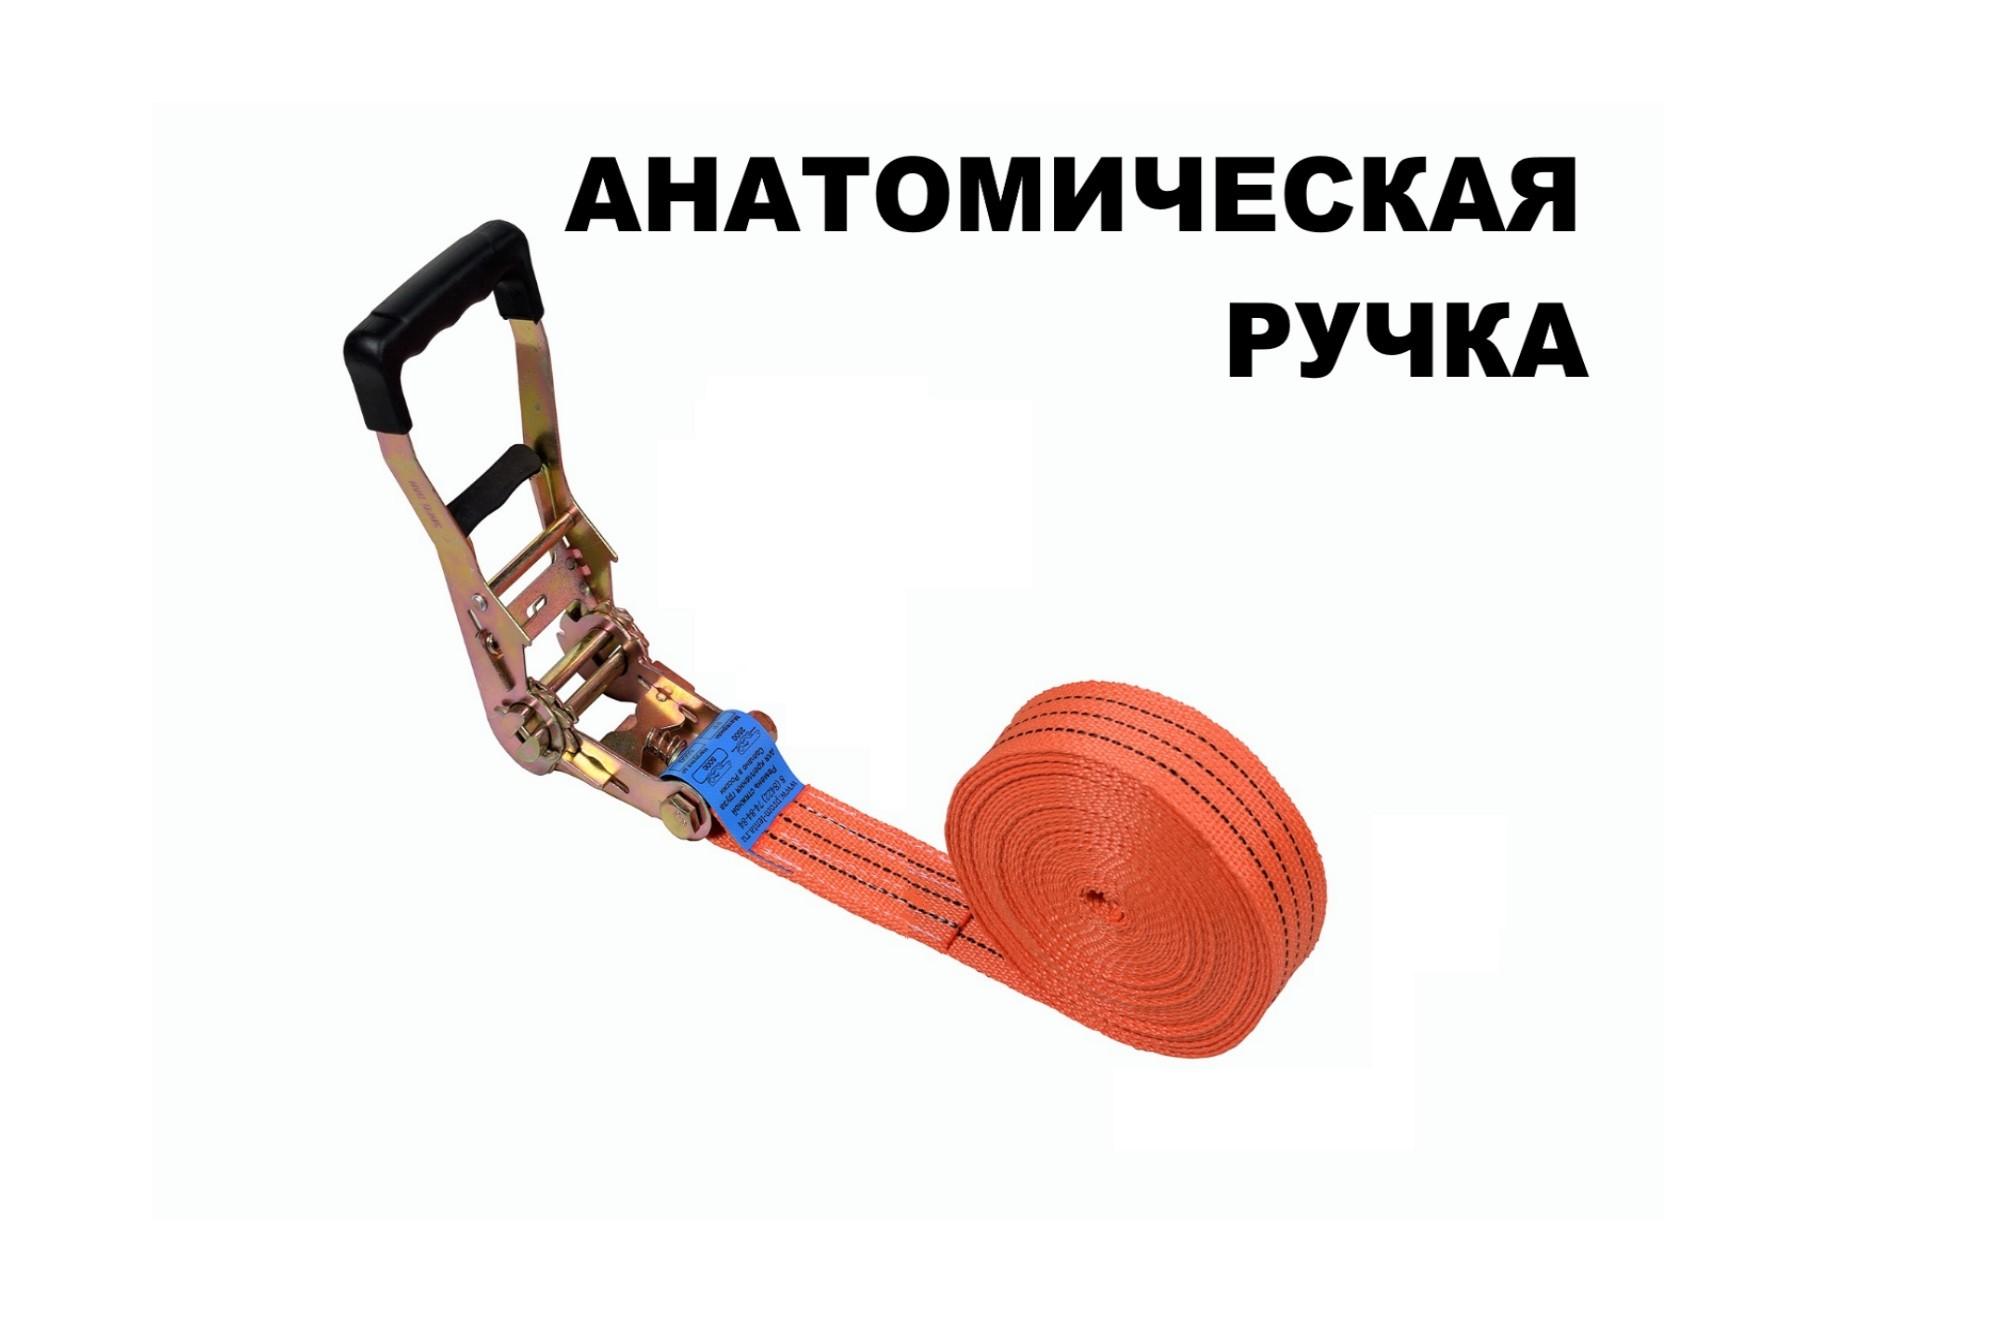 Ремень стяжной кольцевой, 2,5/5.0 тонн, 50 мм, полипропилен